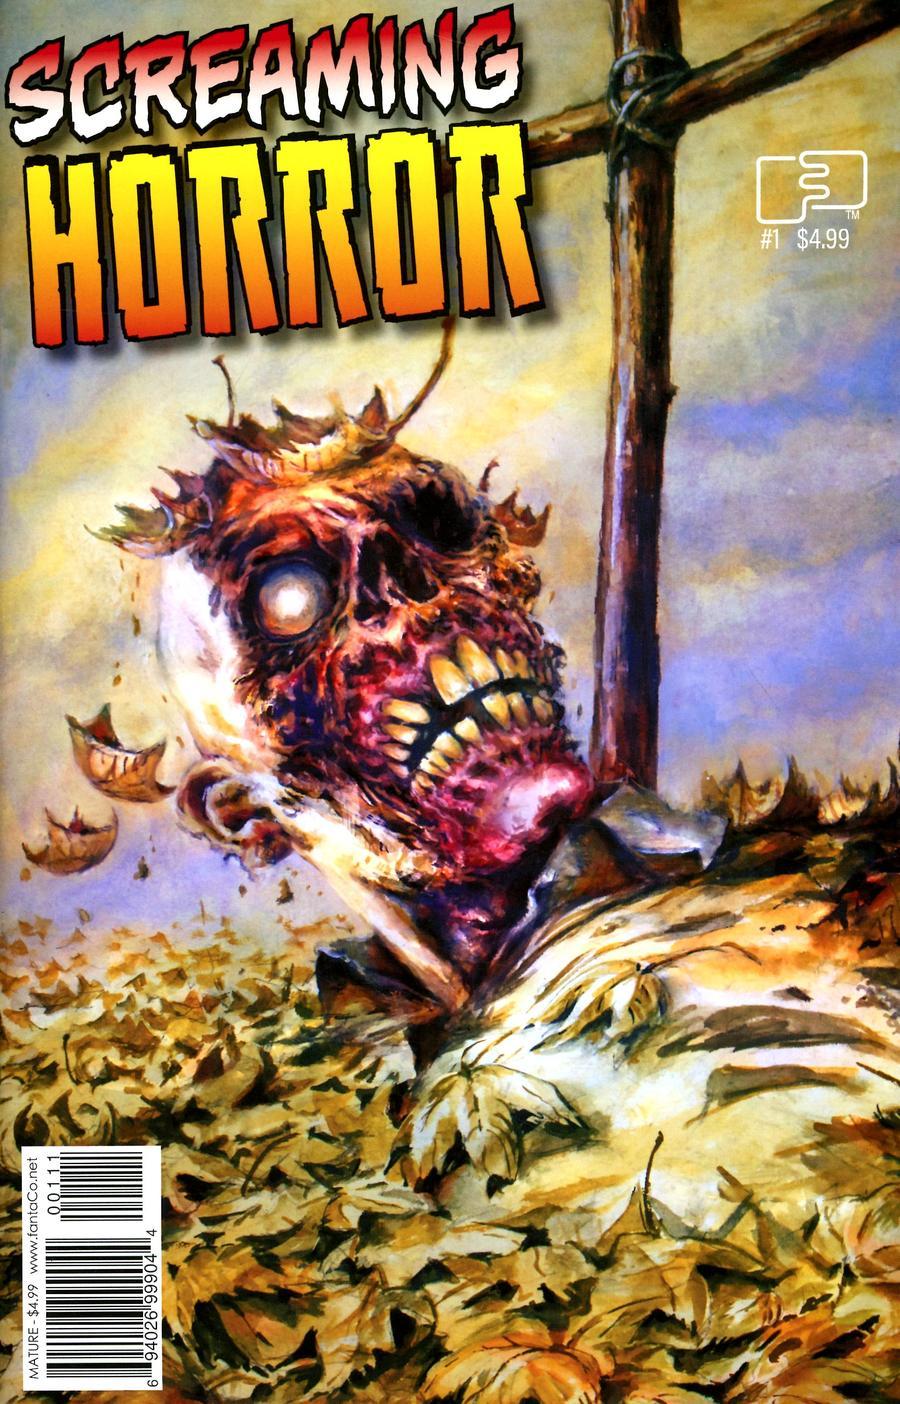 Screaming Horror #1 (2020)